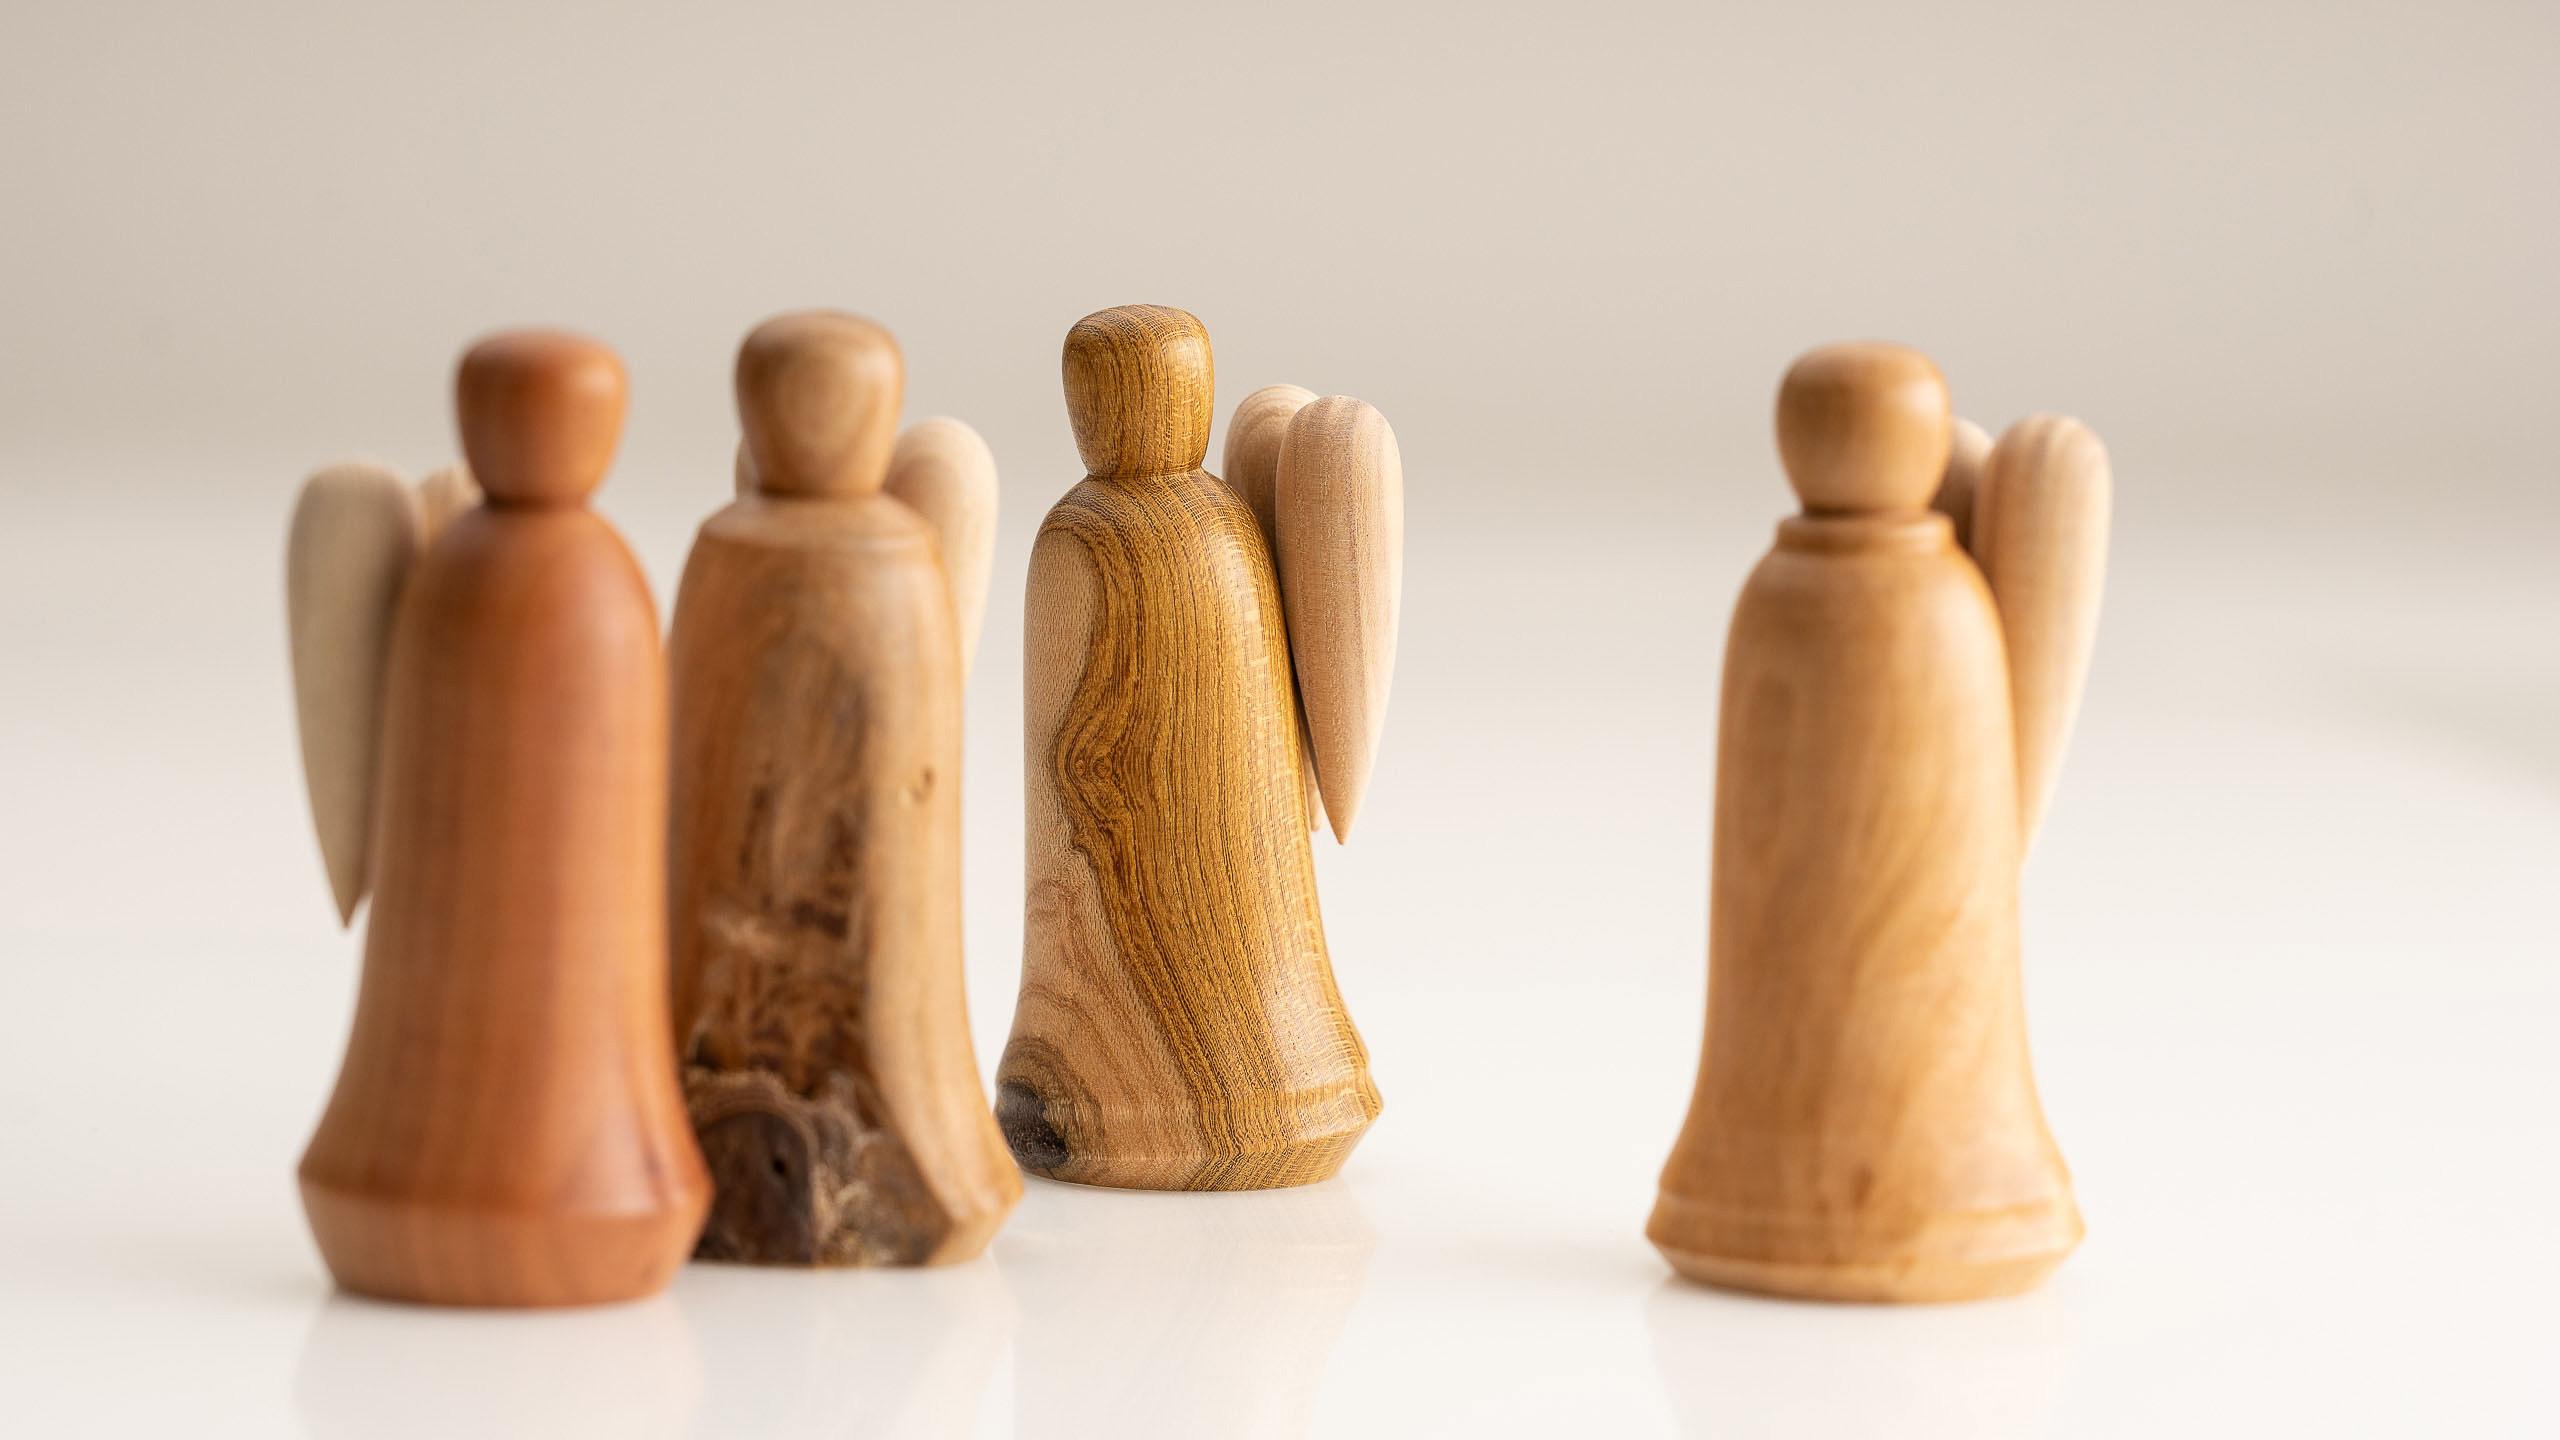 Engel aus Holz für Angehörige und Begleiter